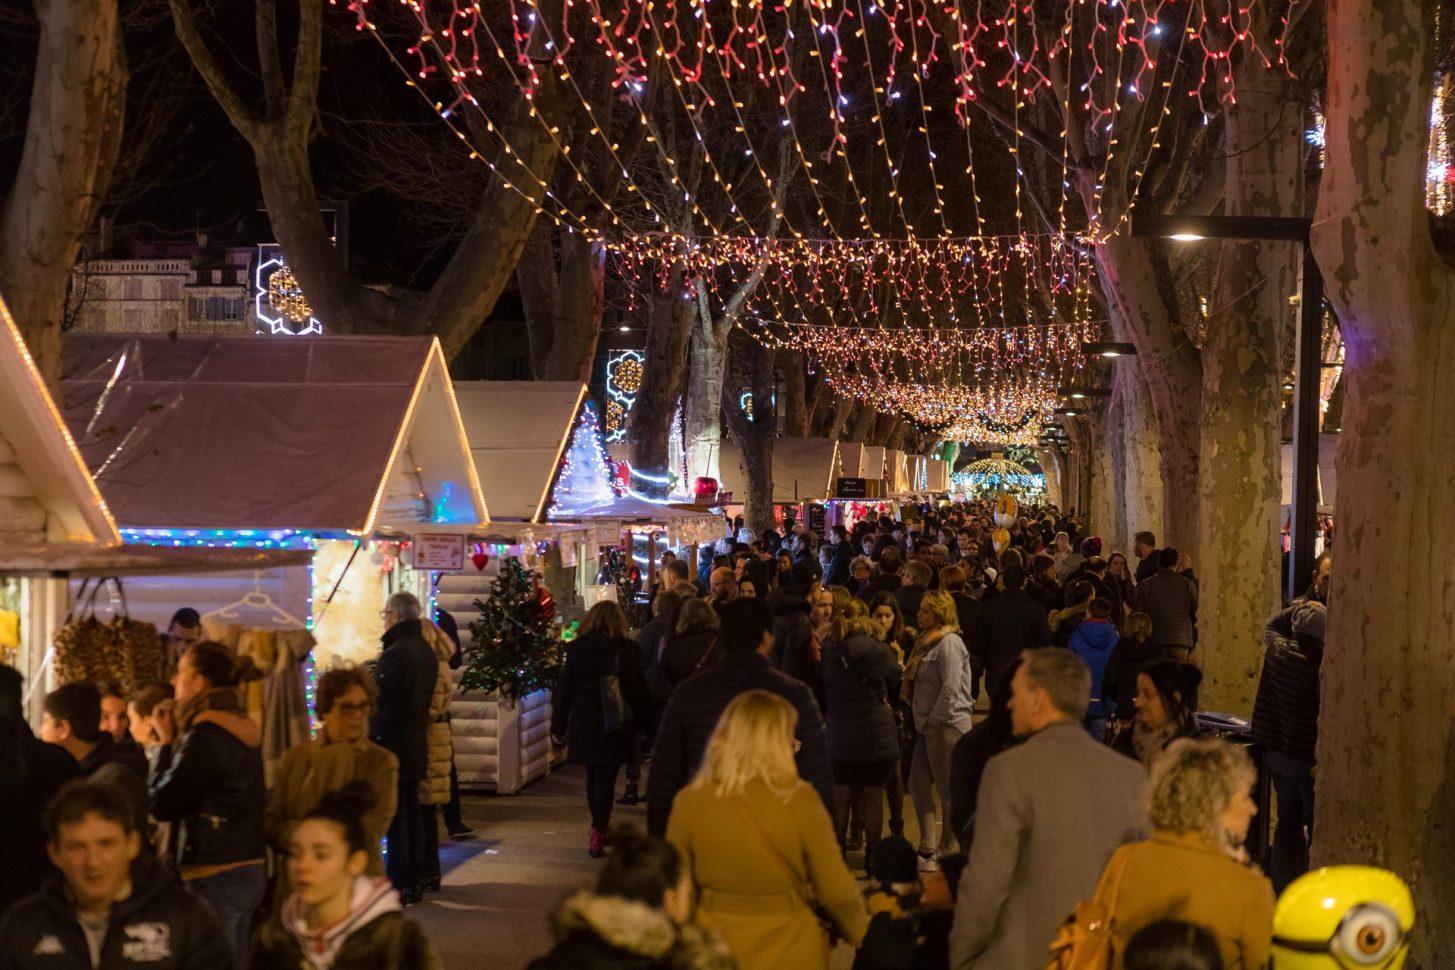 Féeries de Noël à Narbonne, sur les Barques